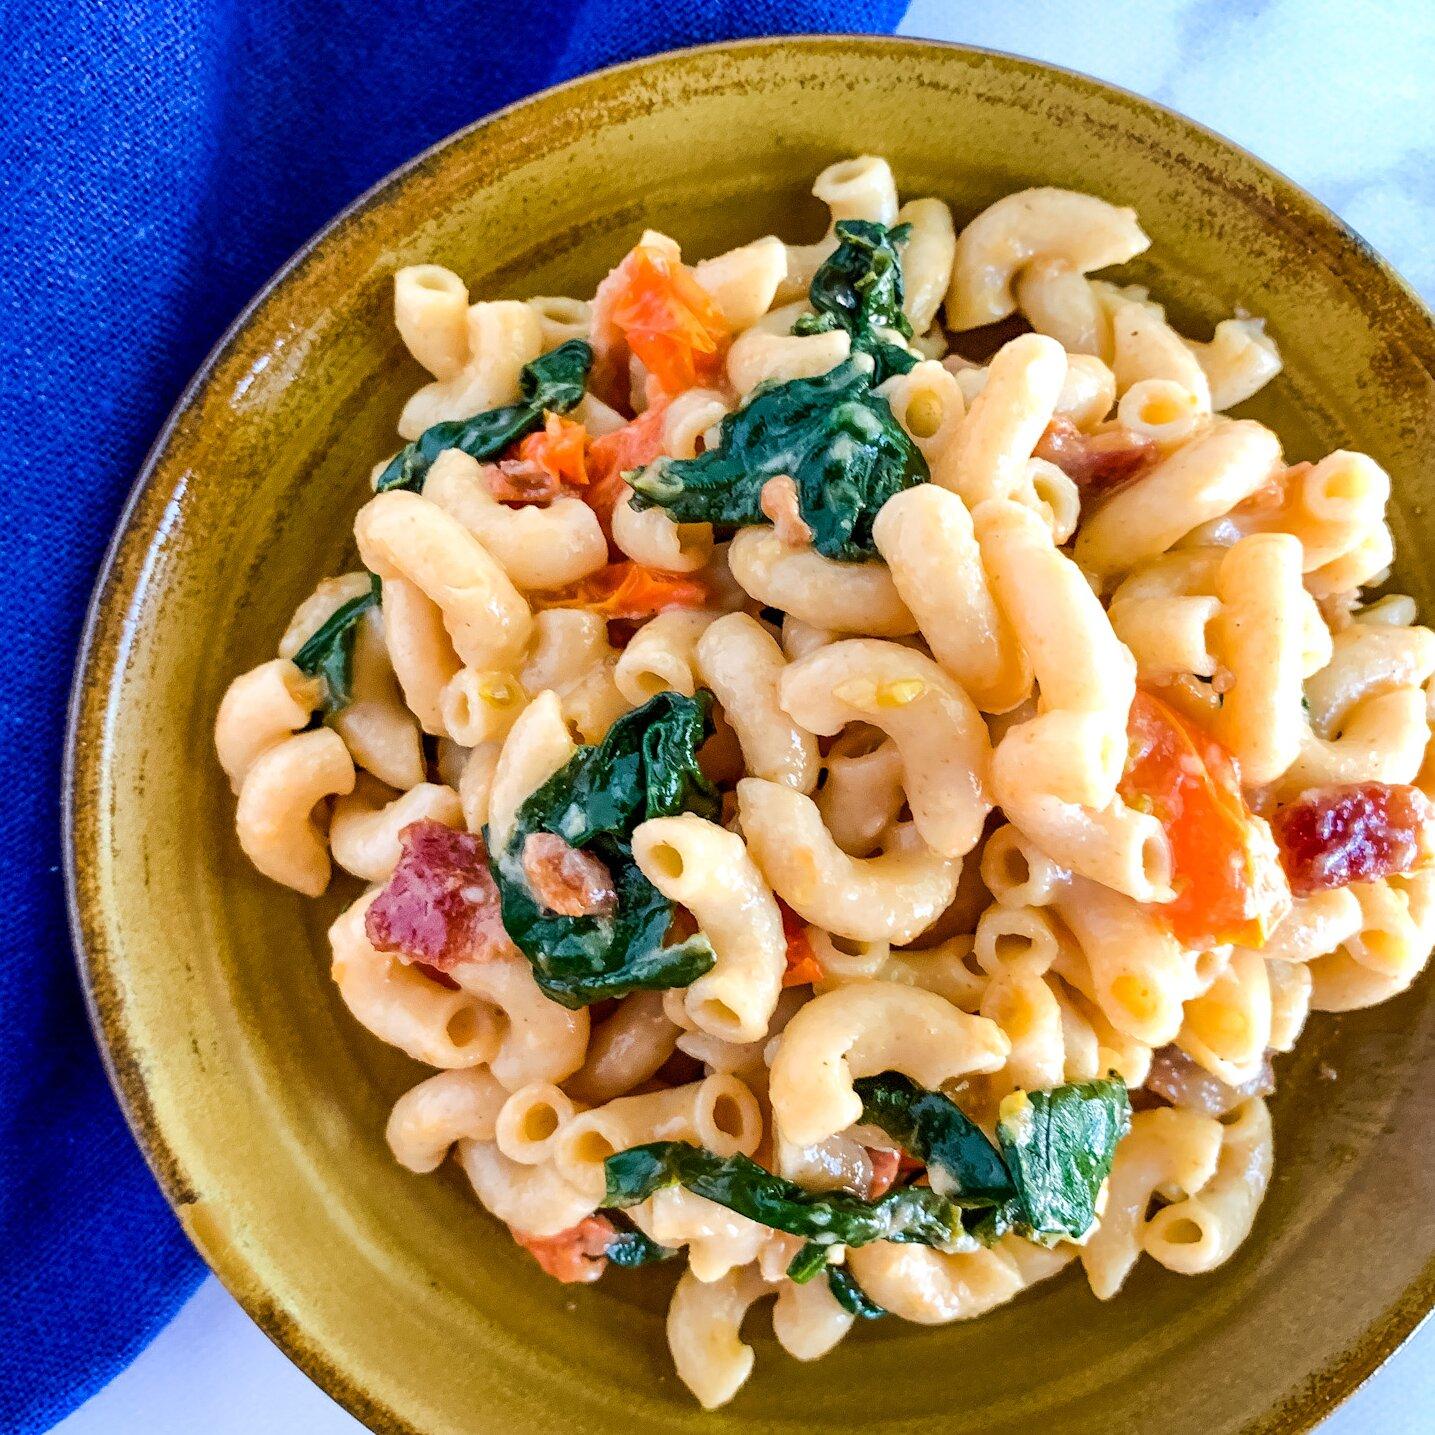 blt pasta carbonara recipe